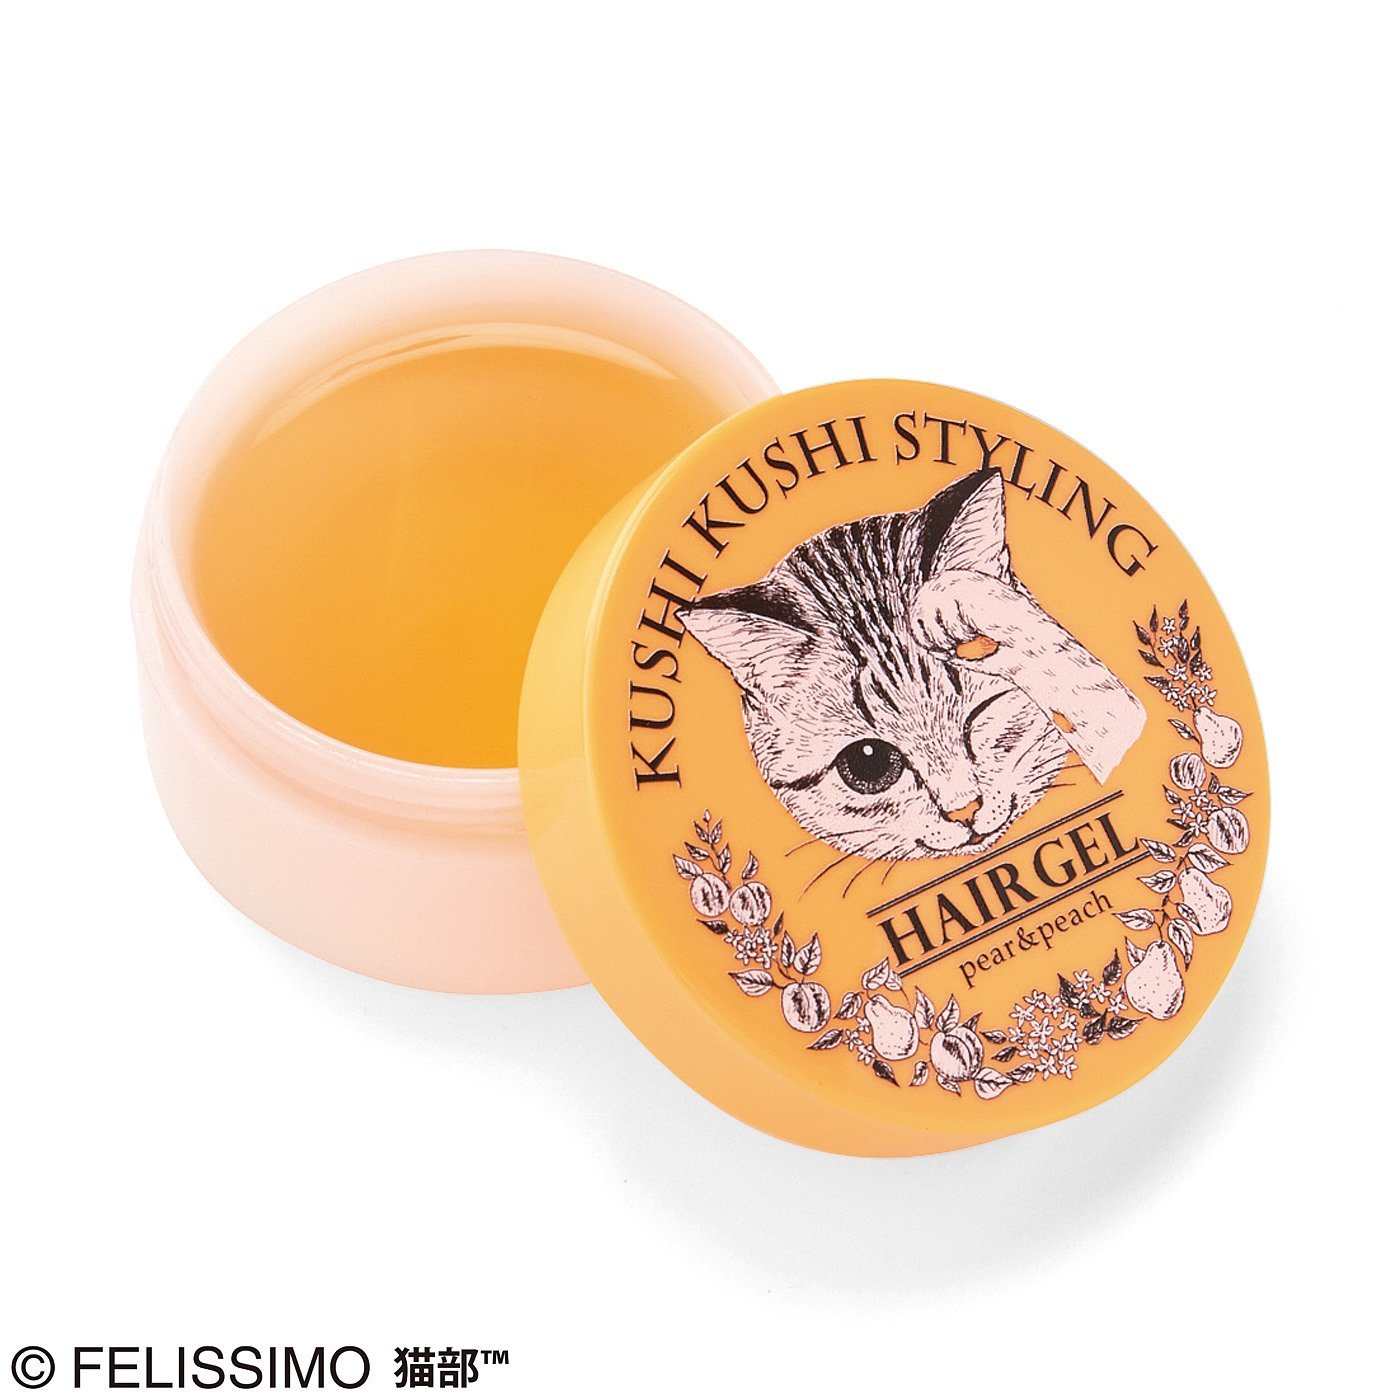 くしくし毛づくろい 3Dスタイリングヘアジェル〈ペア&ピーチの香り(オレンジ)〉の会